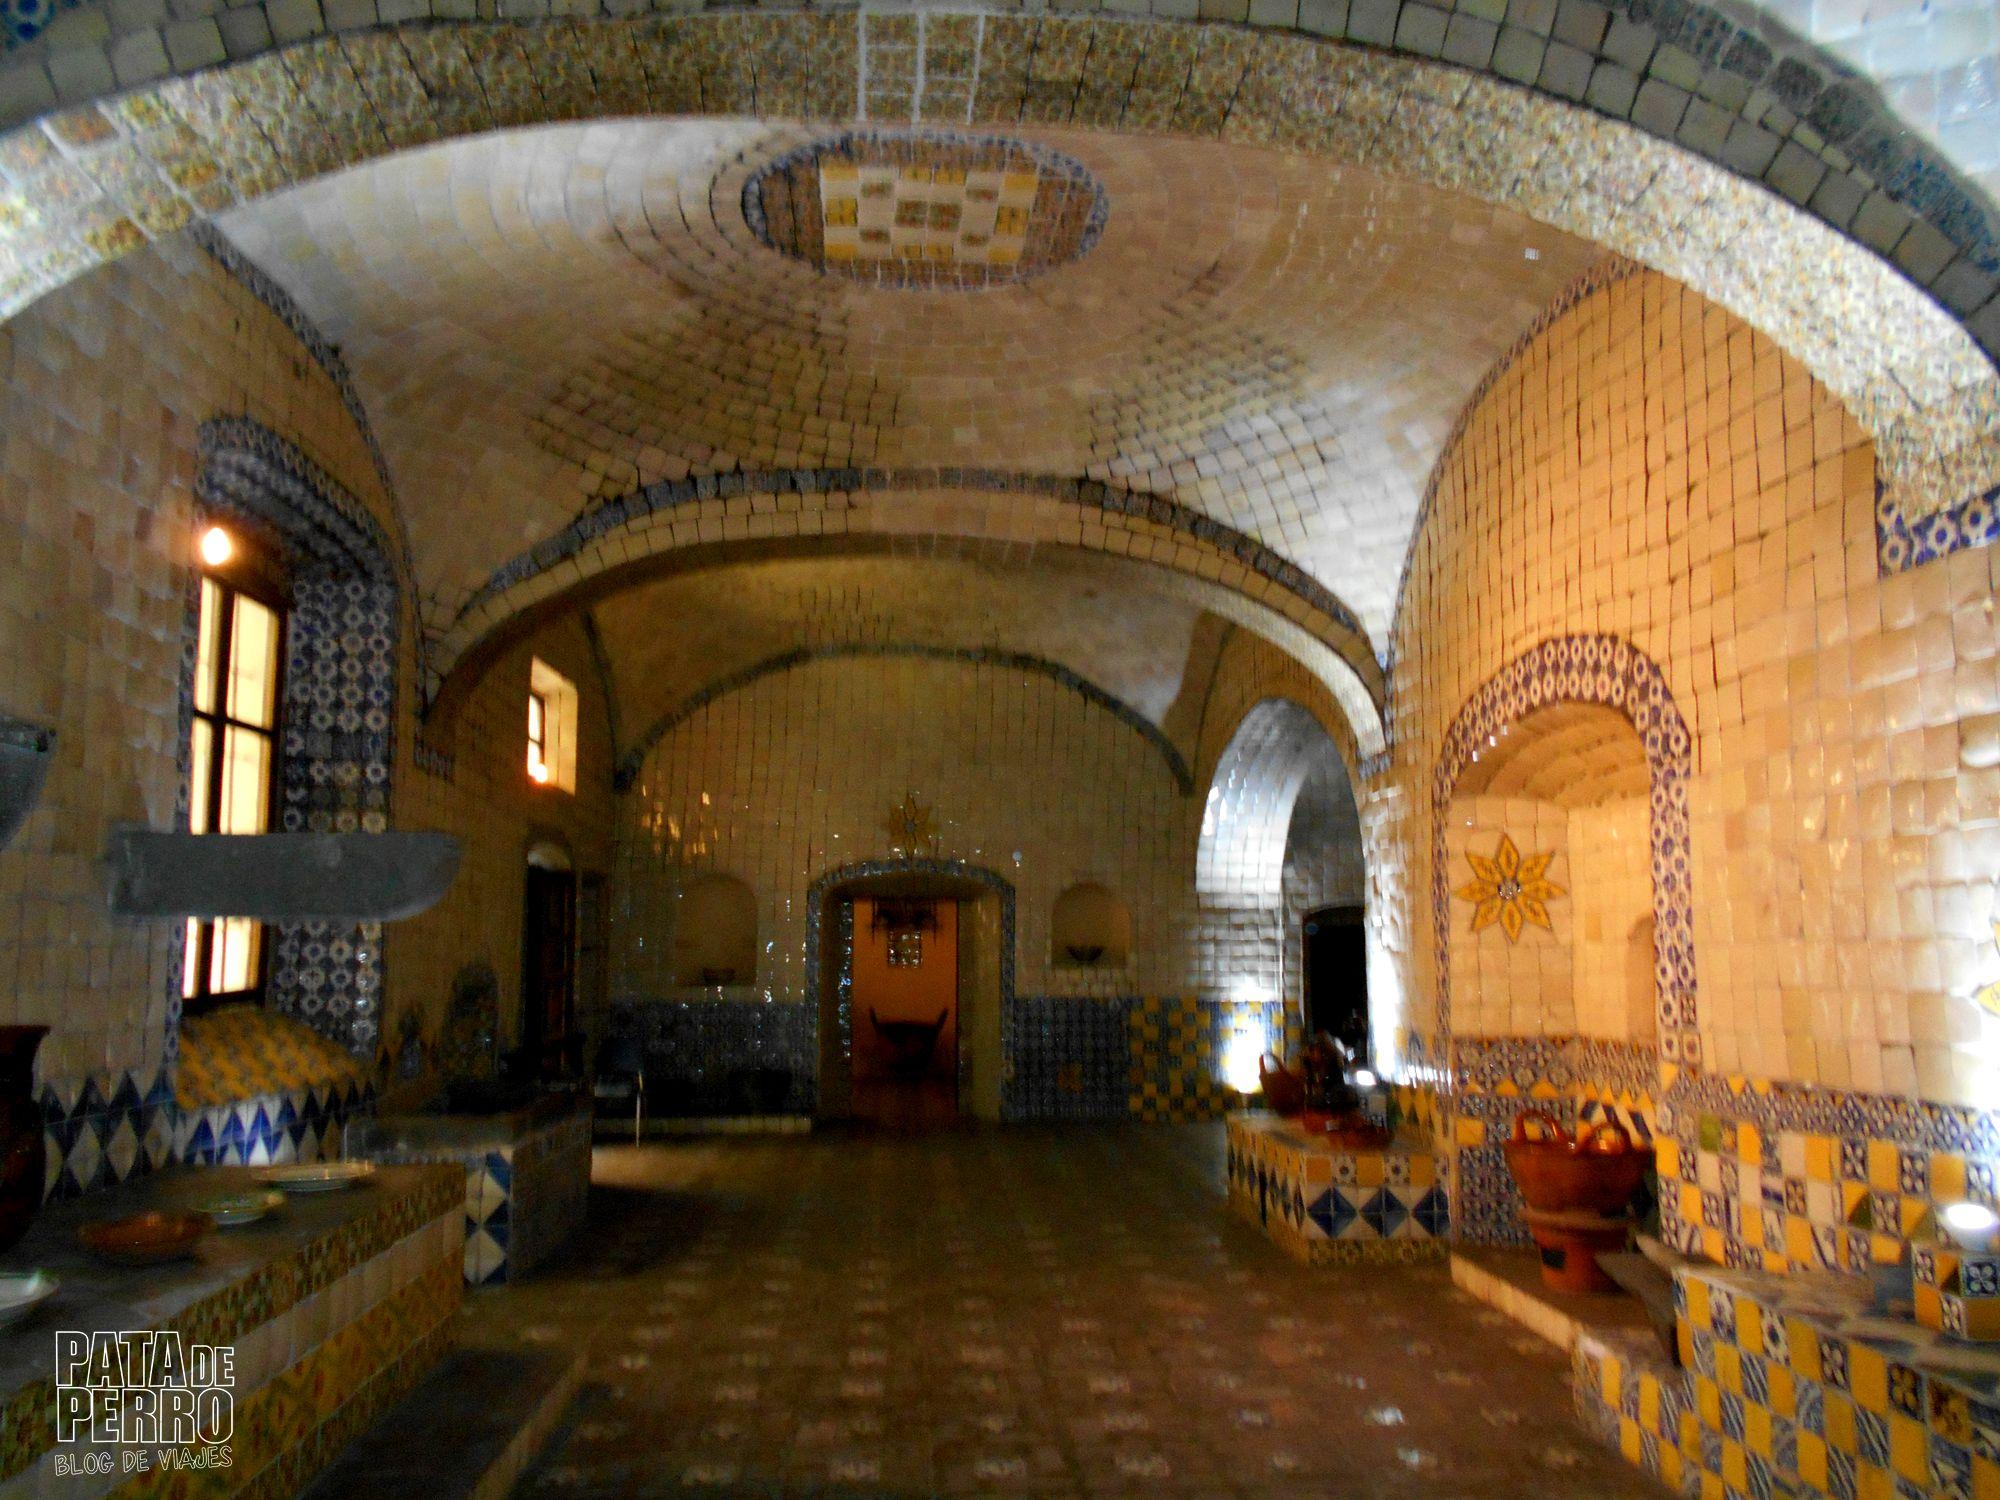 convento de santa rosa mole poblano pata de perro blog de viajes02